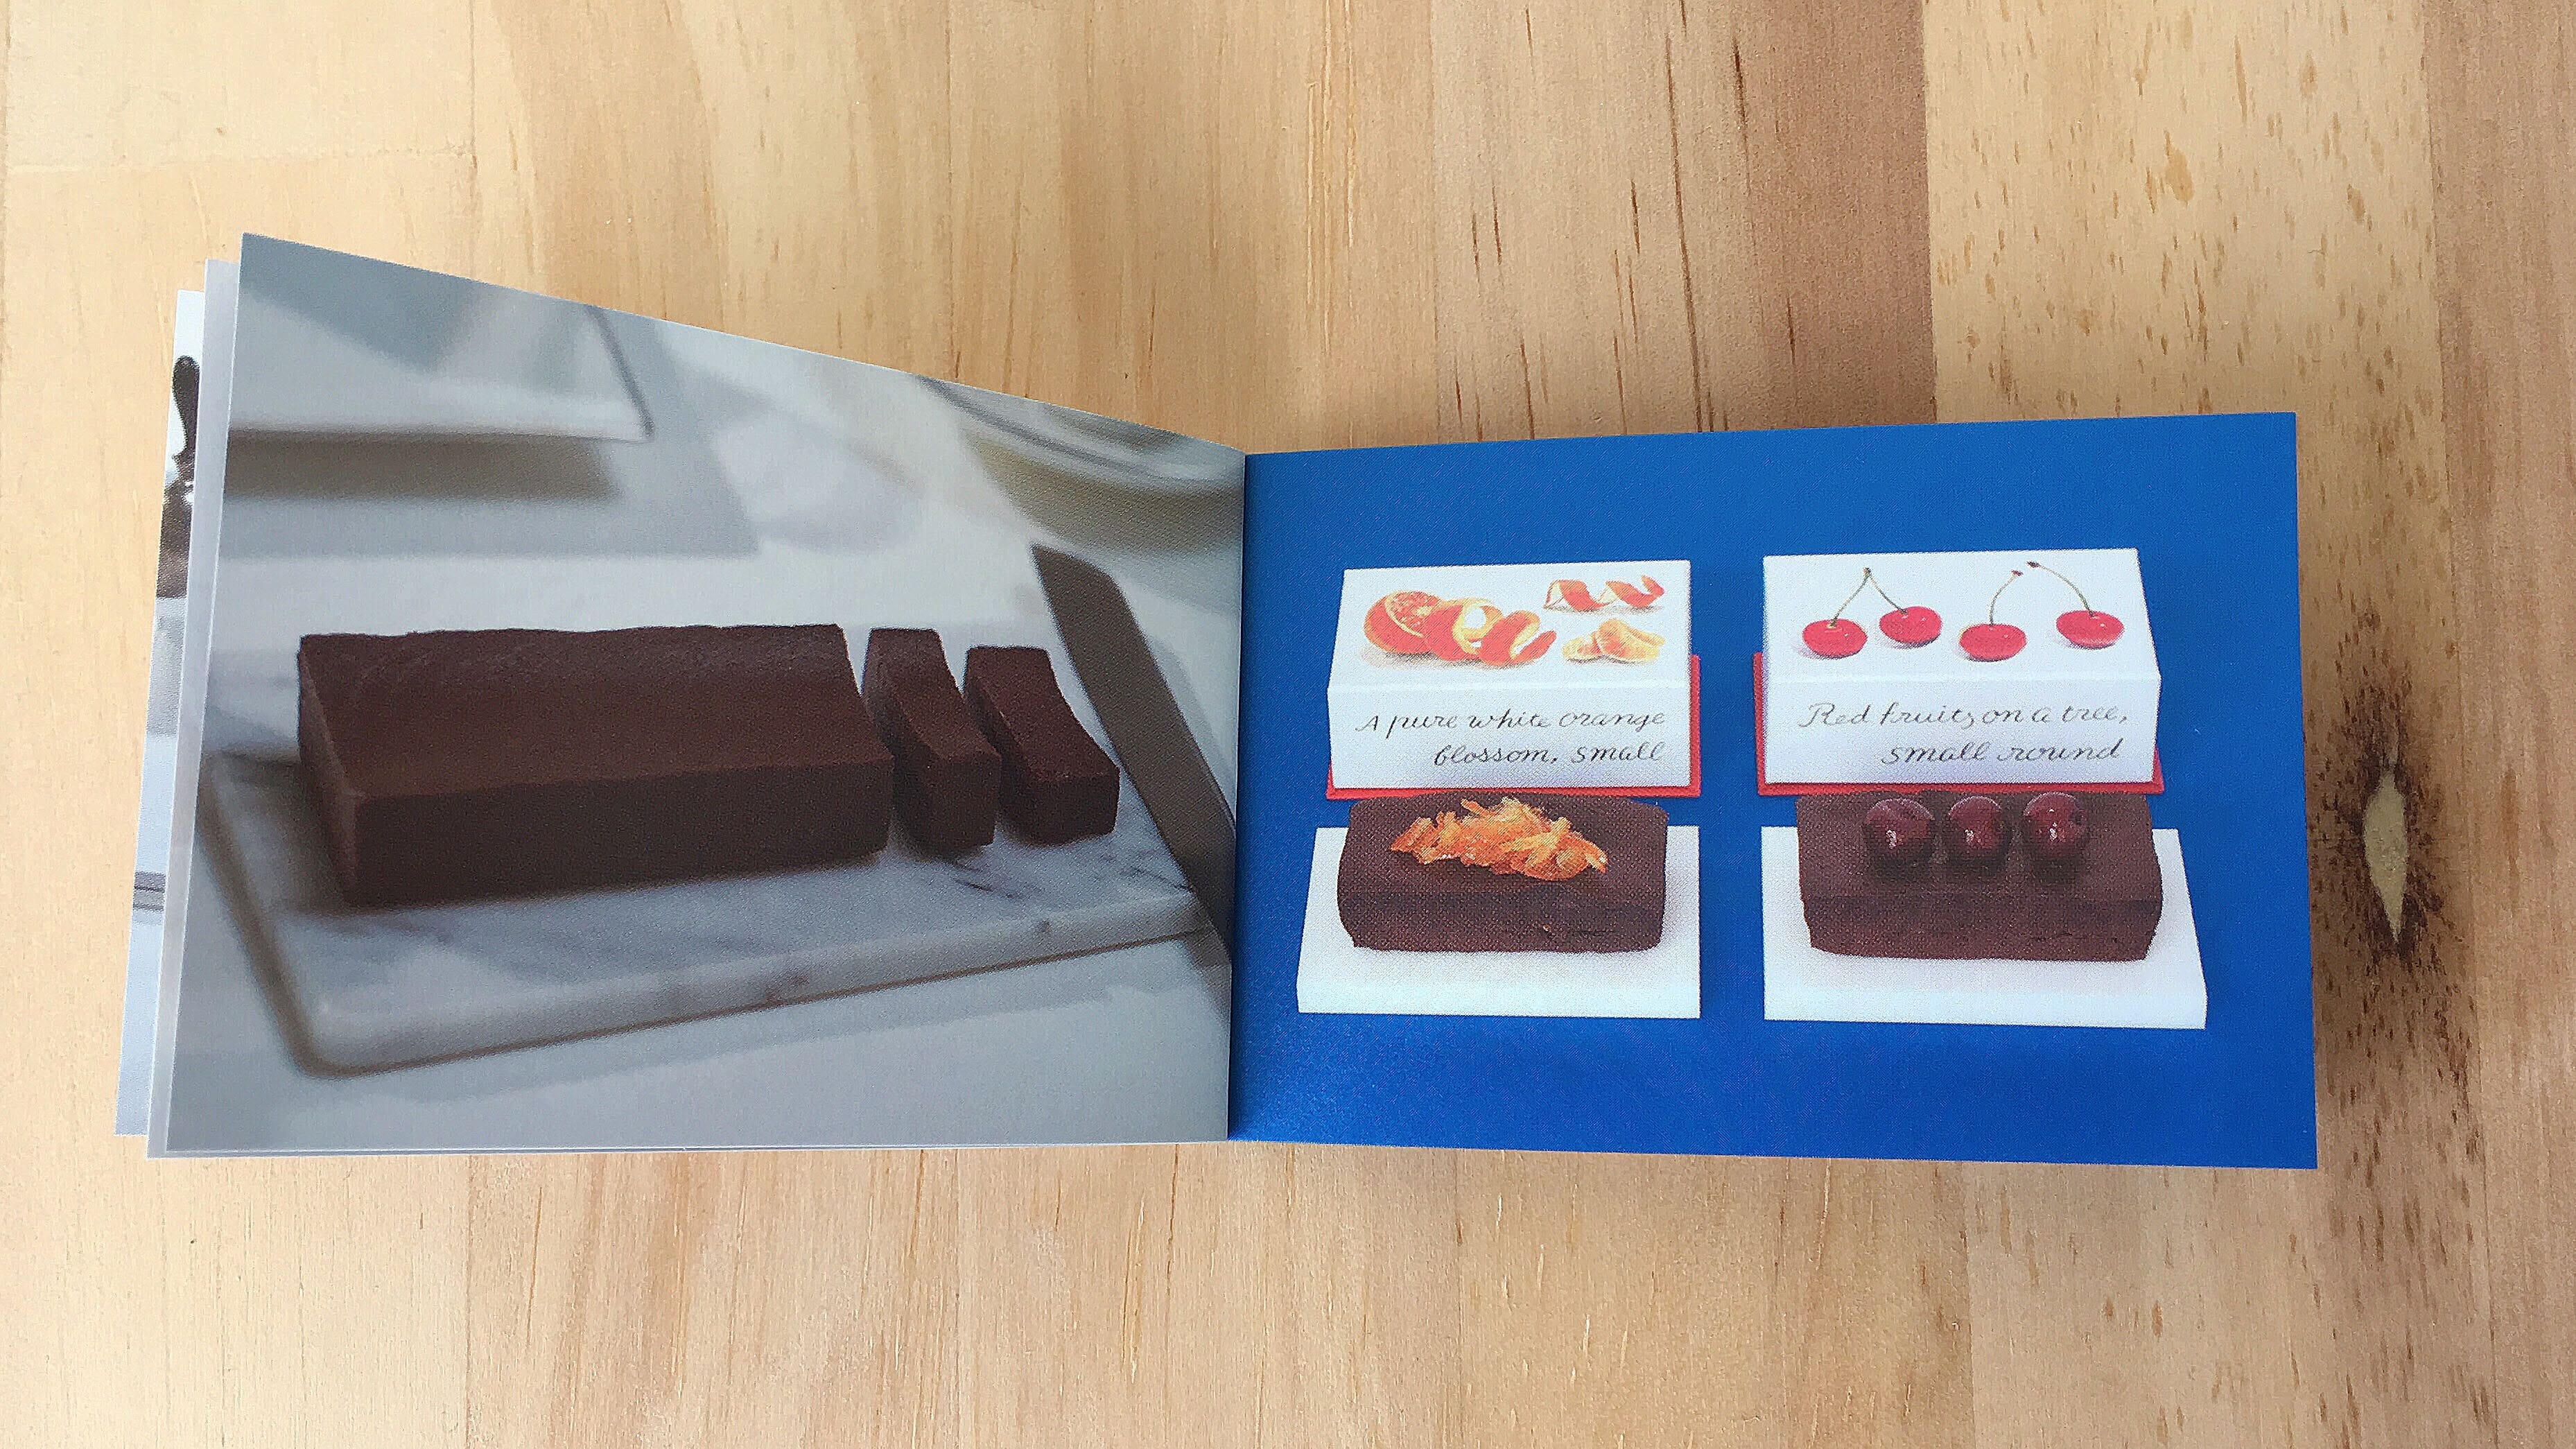 ルルメリーのショコラテリーヌのパッケージ